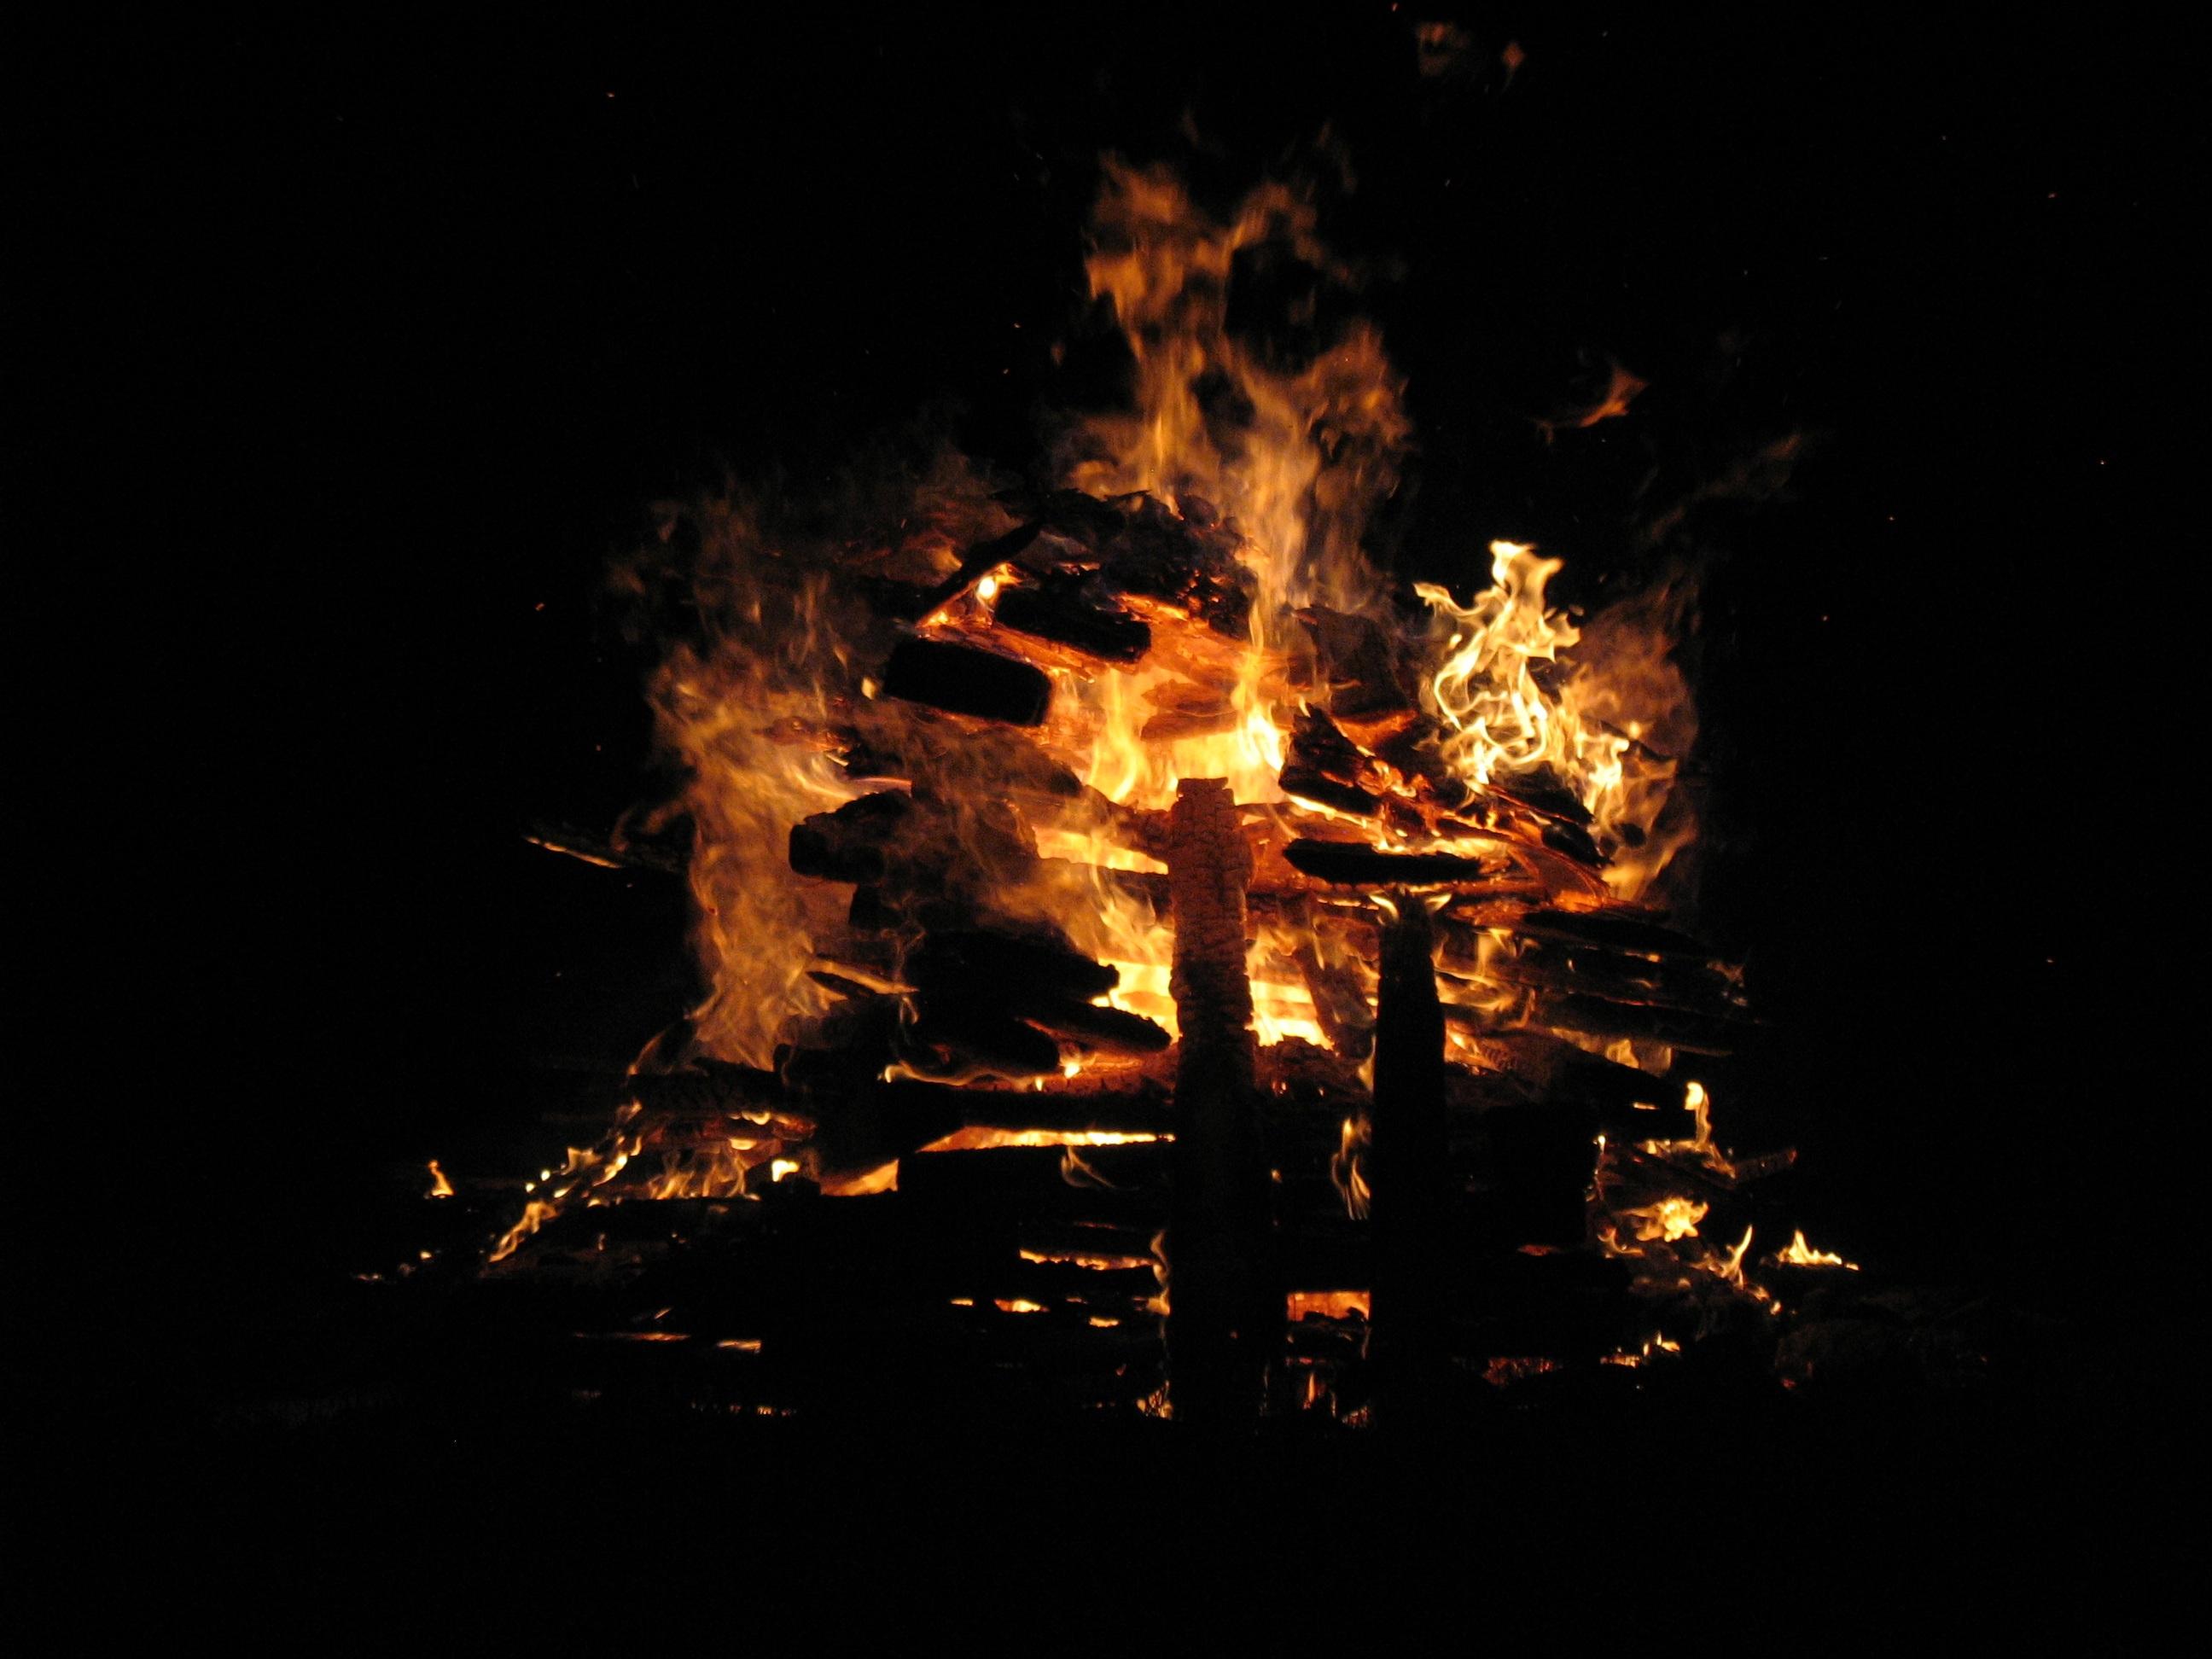 Kostenlose foto : Nacht-, dunkel, Flamme, Dunkelheit, Gelb ...